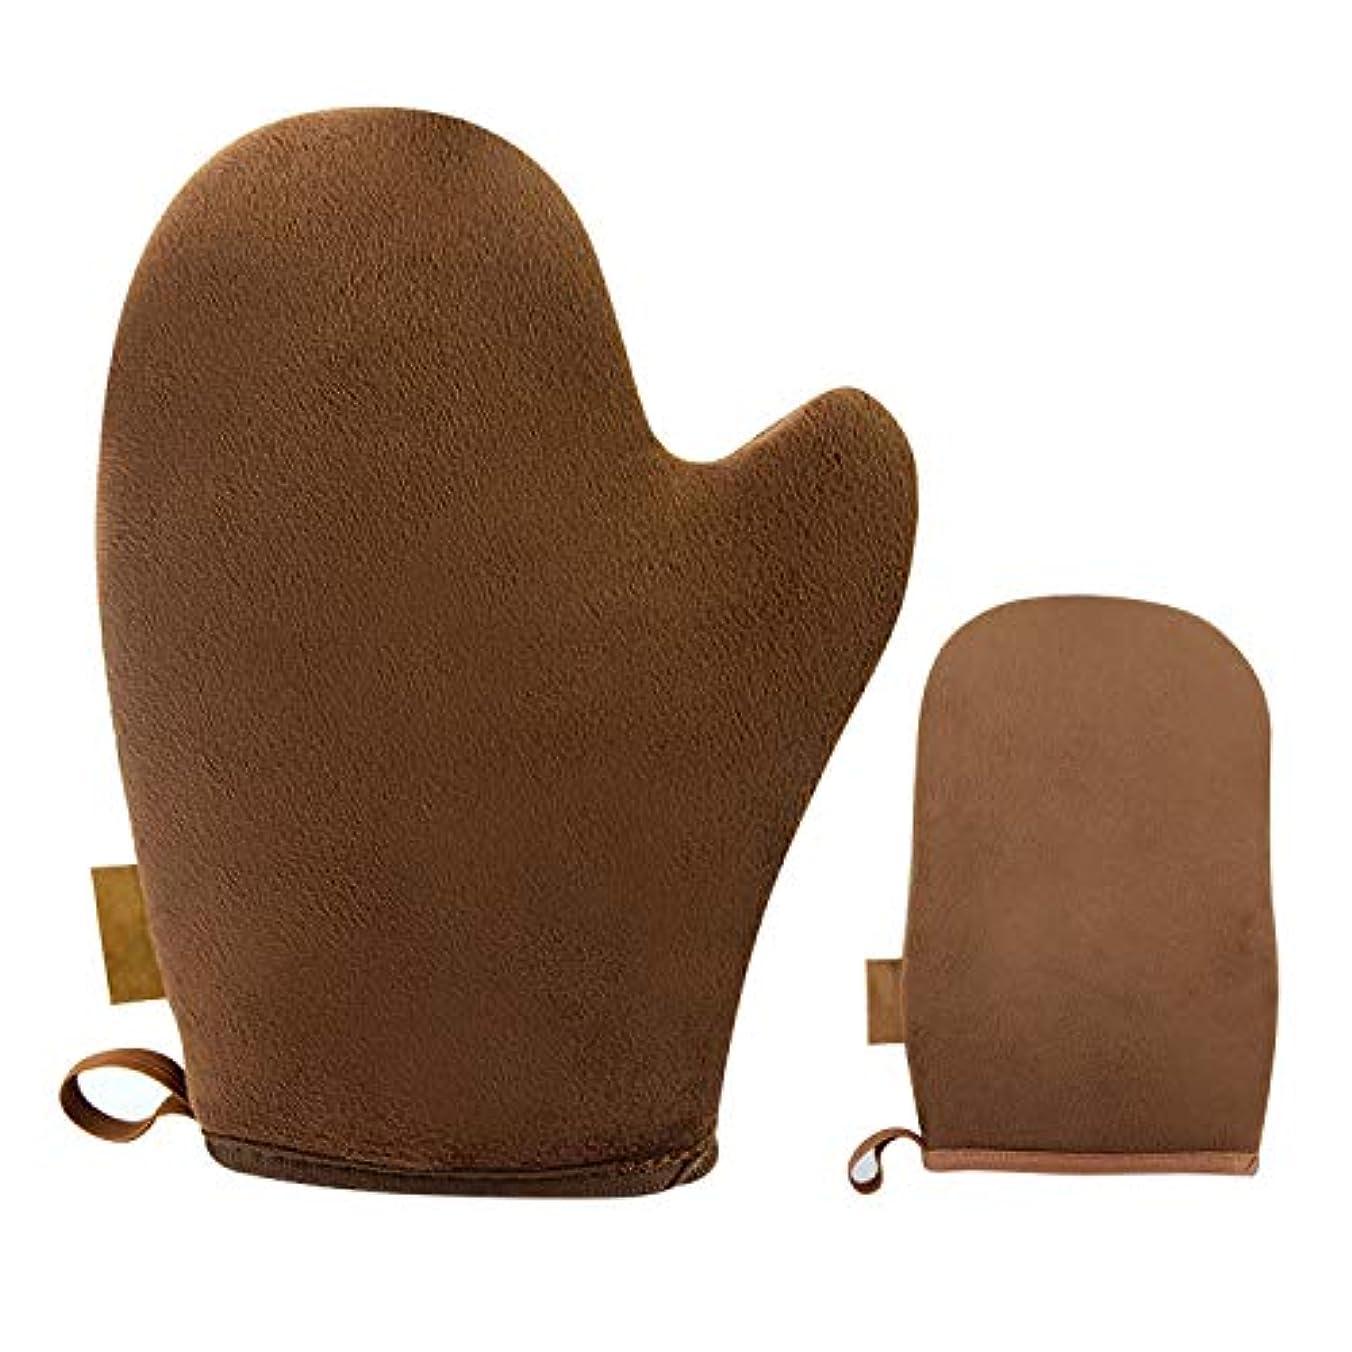 切手瞑想的経過Migavann セルフタンニングミット タンニングミット 1PCS再利用可能な洗える日焼け止めセルフタンニングミットグローブアプリケーター+ 1PCSミニフィンガーミット